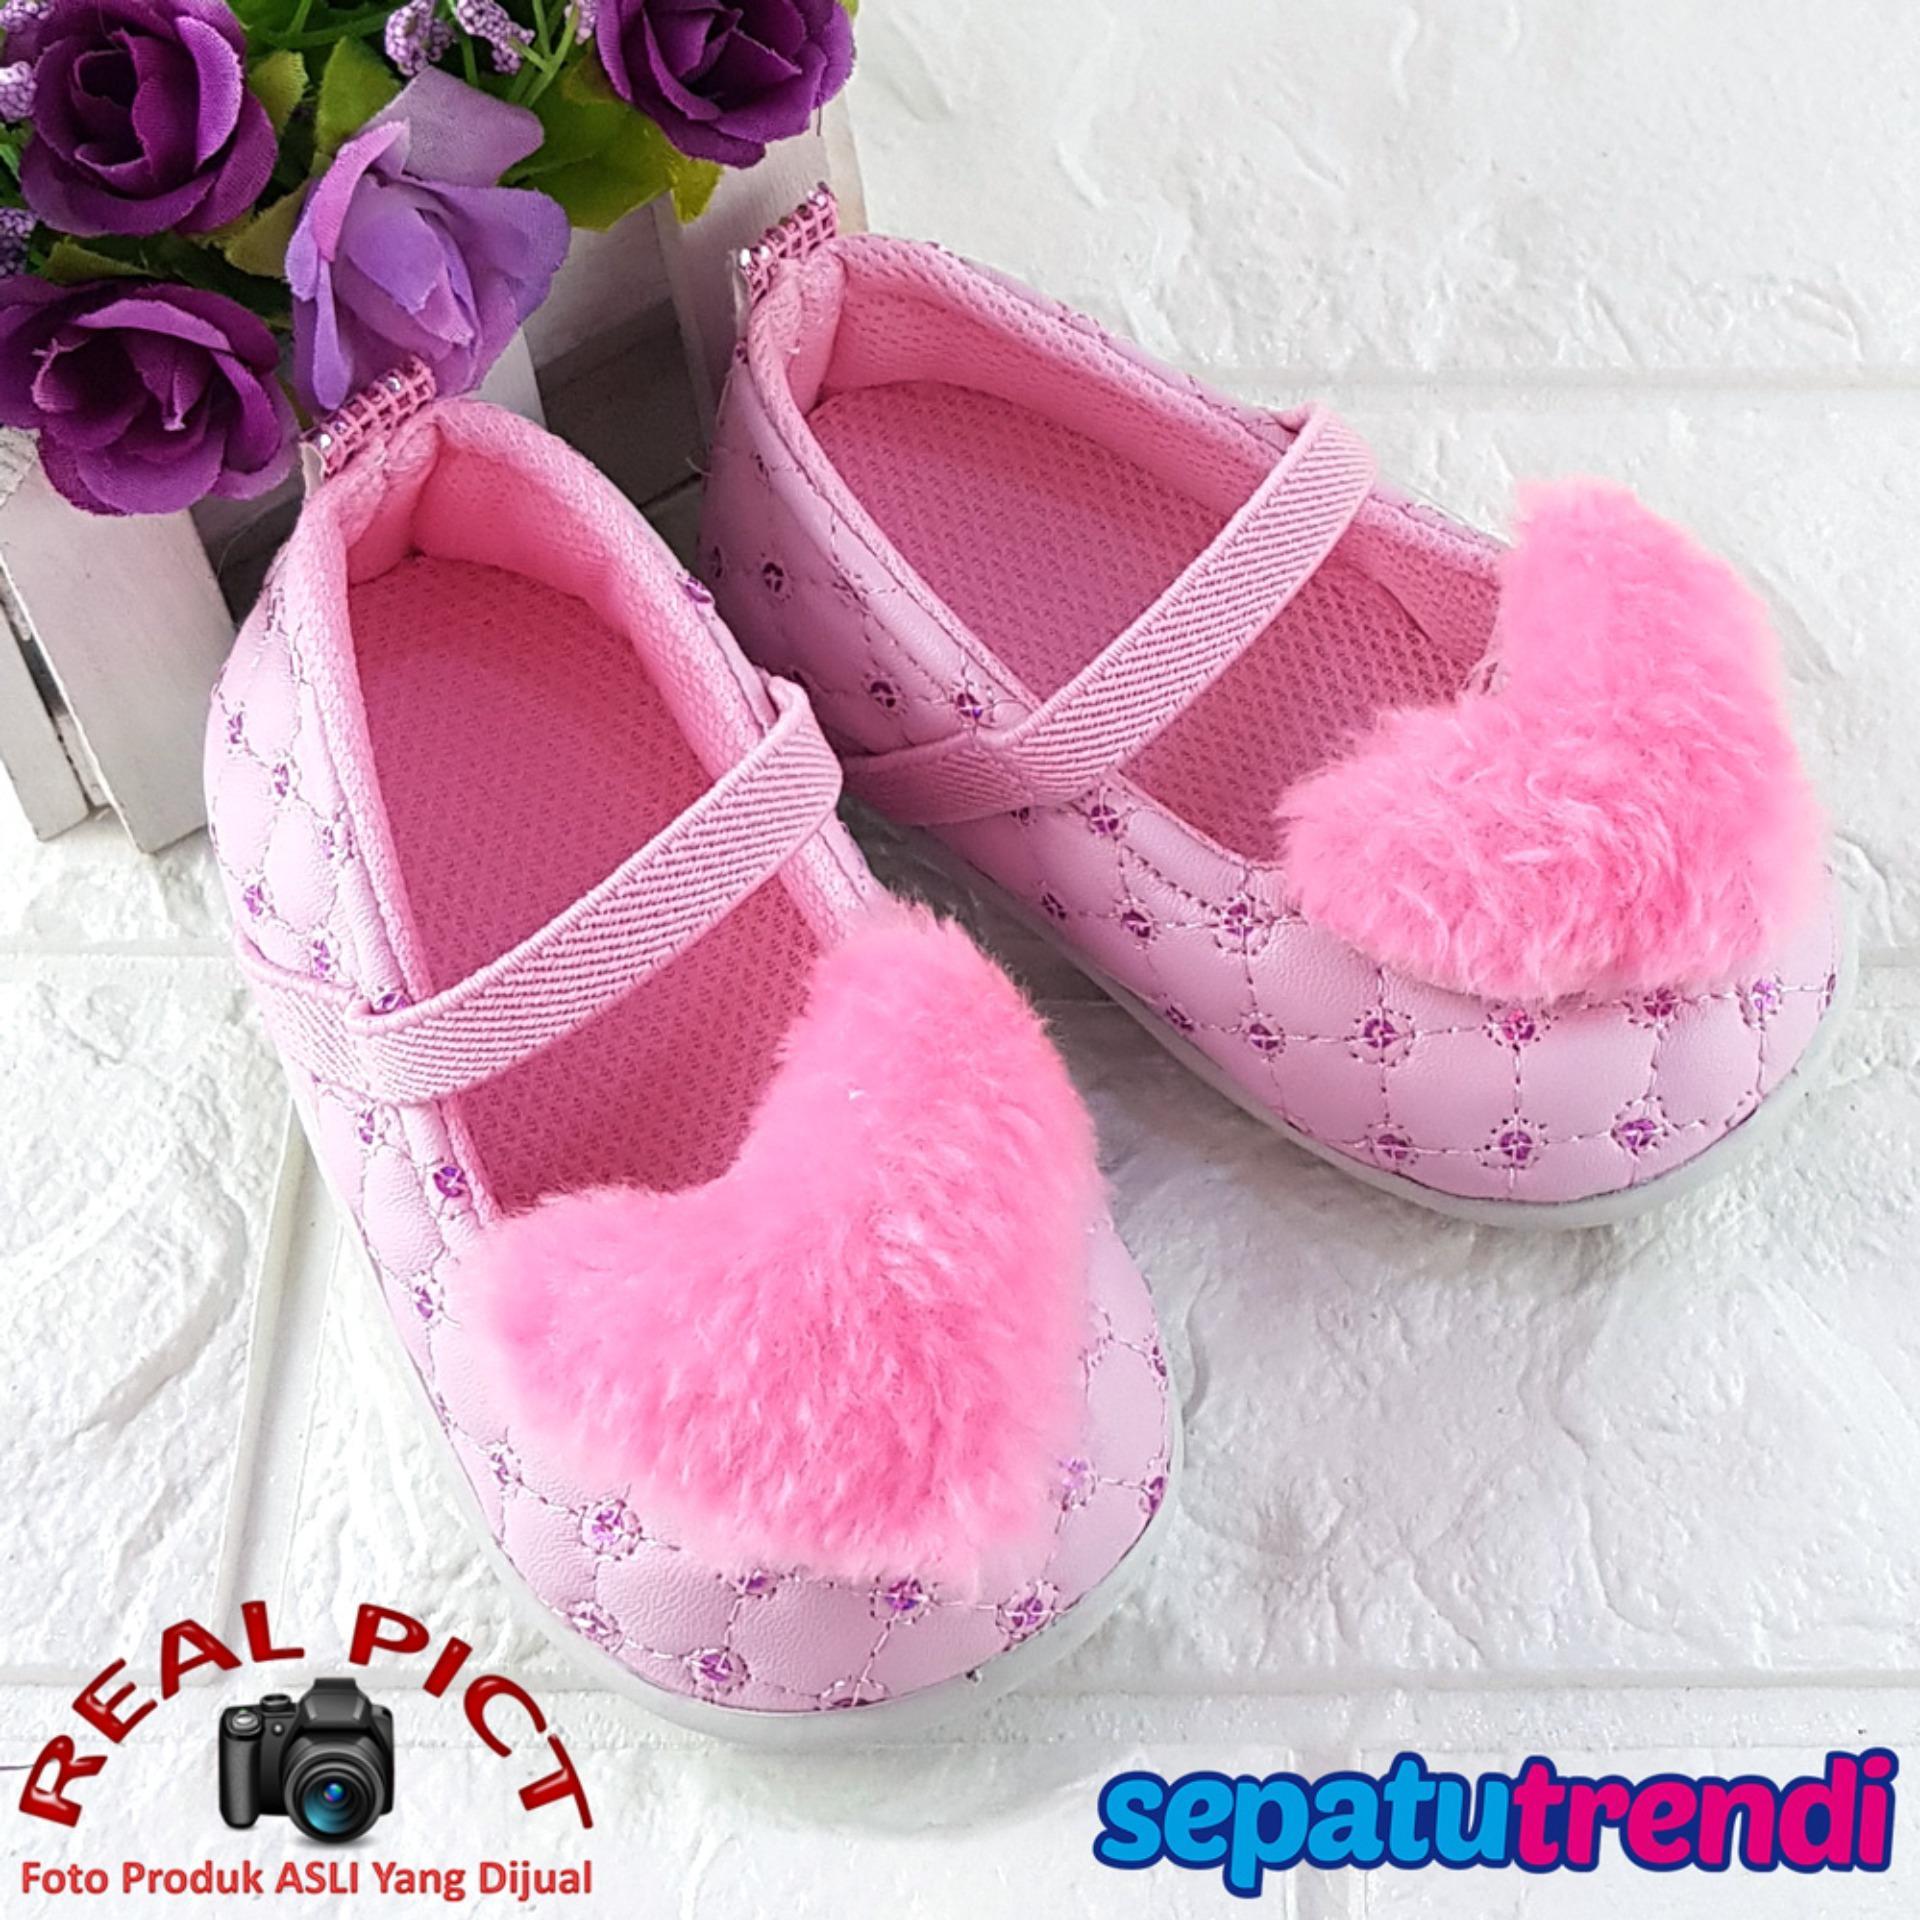 Harga Trendi Sepatu Anak Bayi Perempuan Bllove Baru Murah